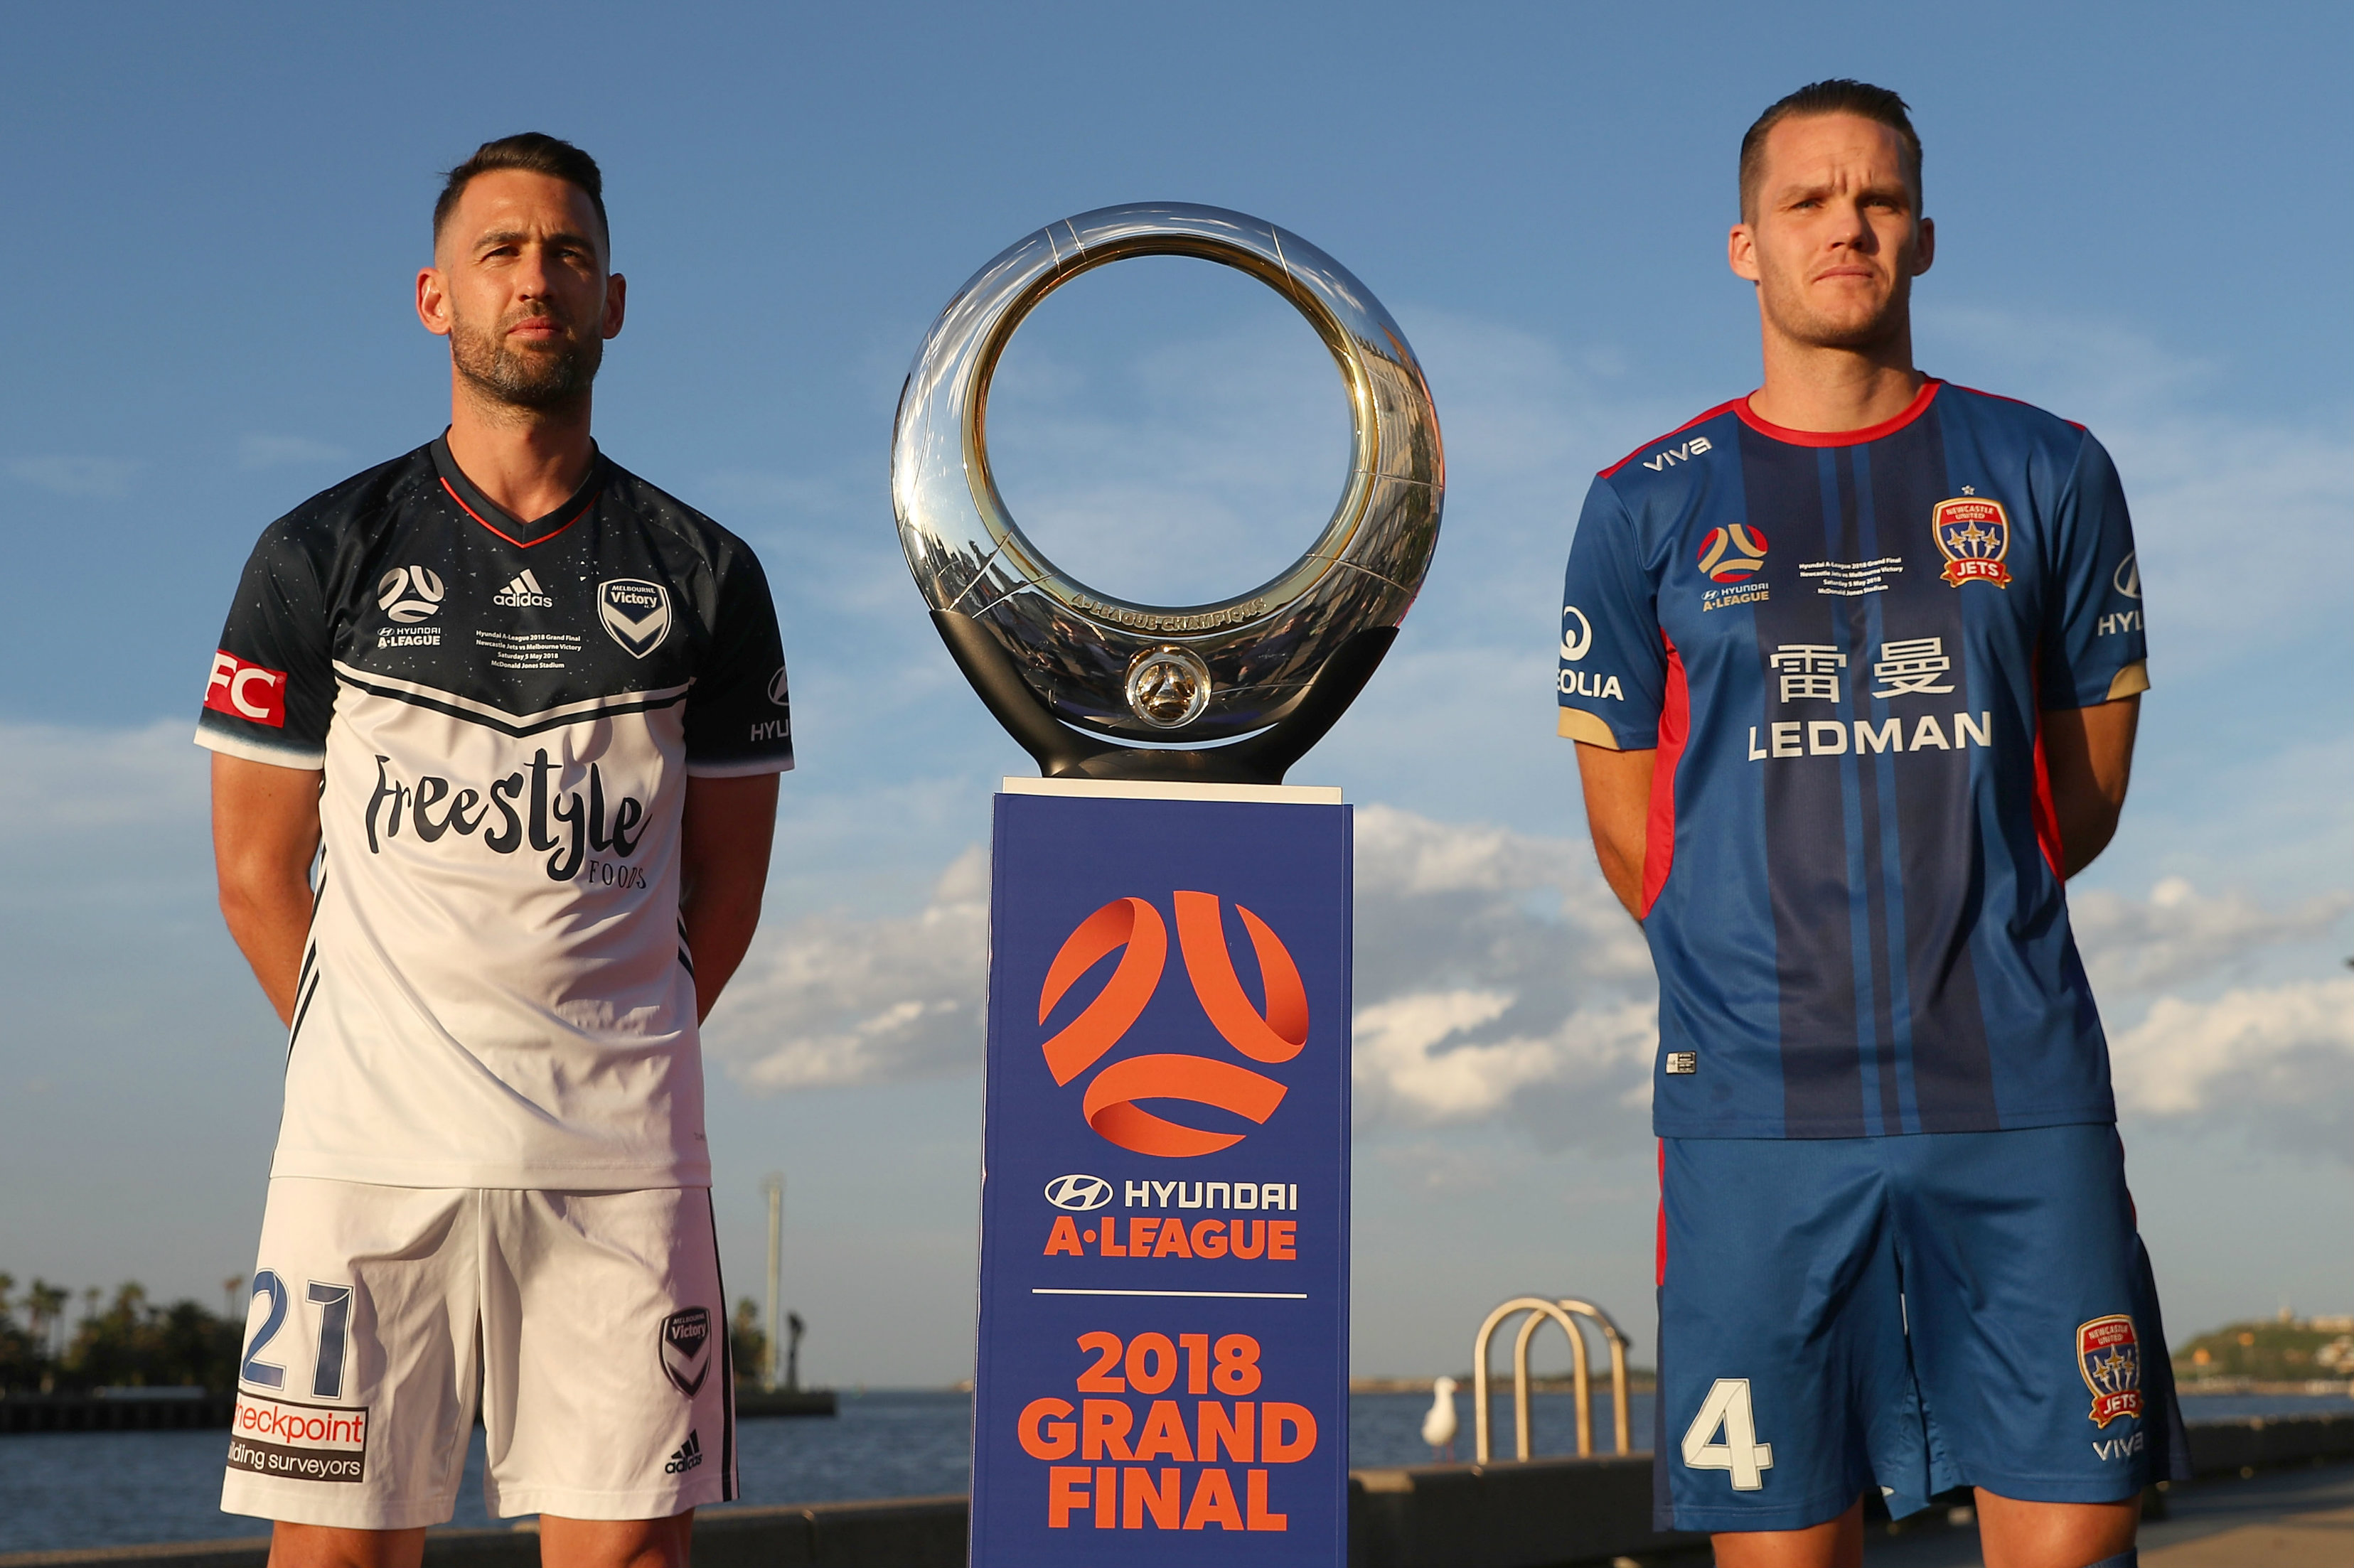 A-League 2018 Grand Final